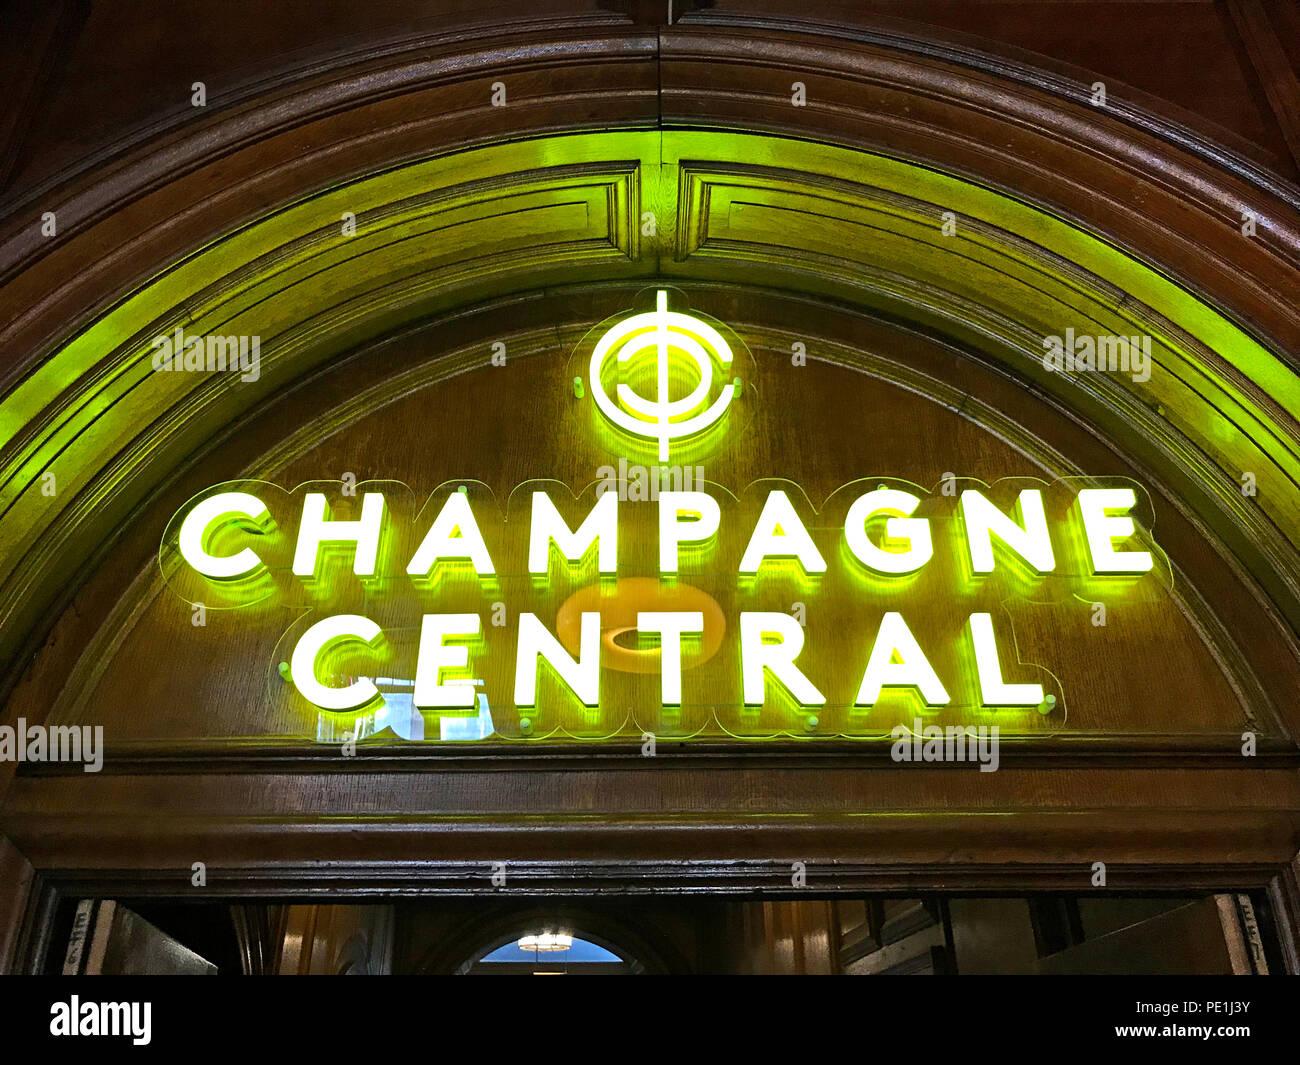 Laden Sie dieses Alamy Stockfoto Champagner Central, Central Station, Glasgow, Gordon St, Gordon Street, Schottland, pub, Bar - PE1J3Y